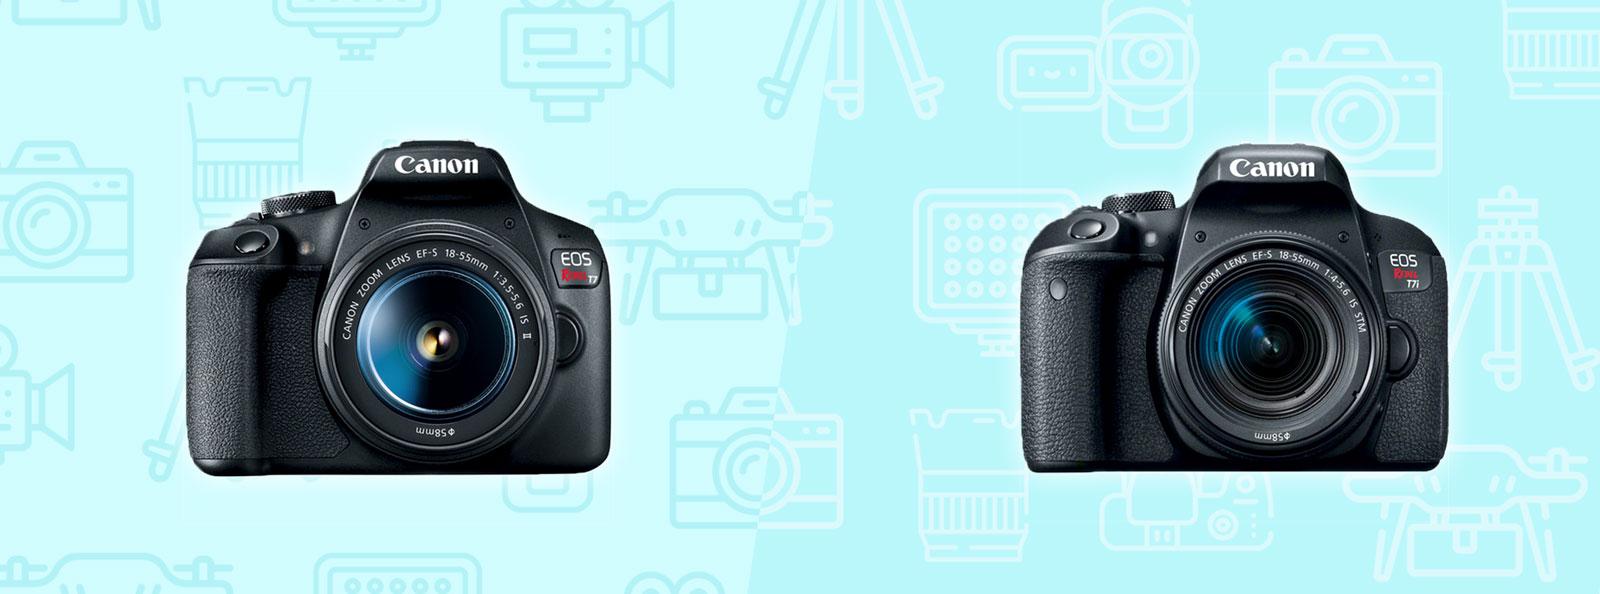 Canon T7 vs. Canon T7i: The Complete Comparison | Grid50